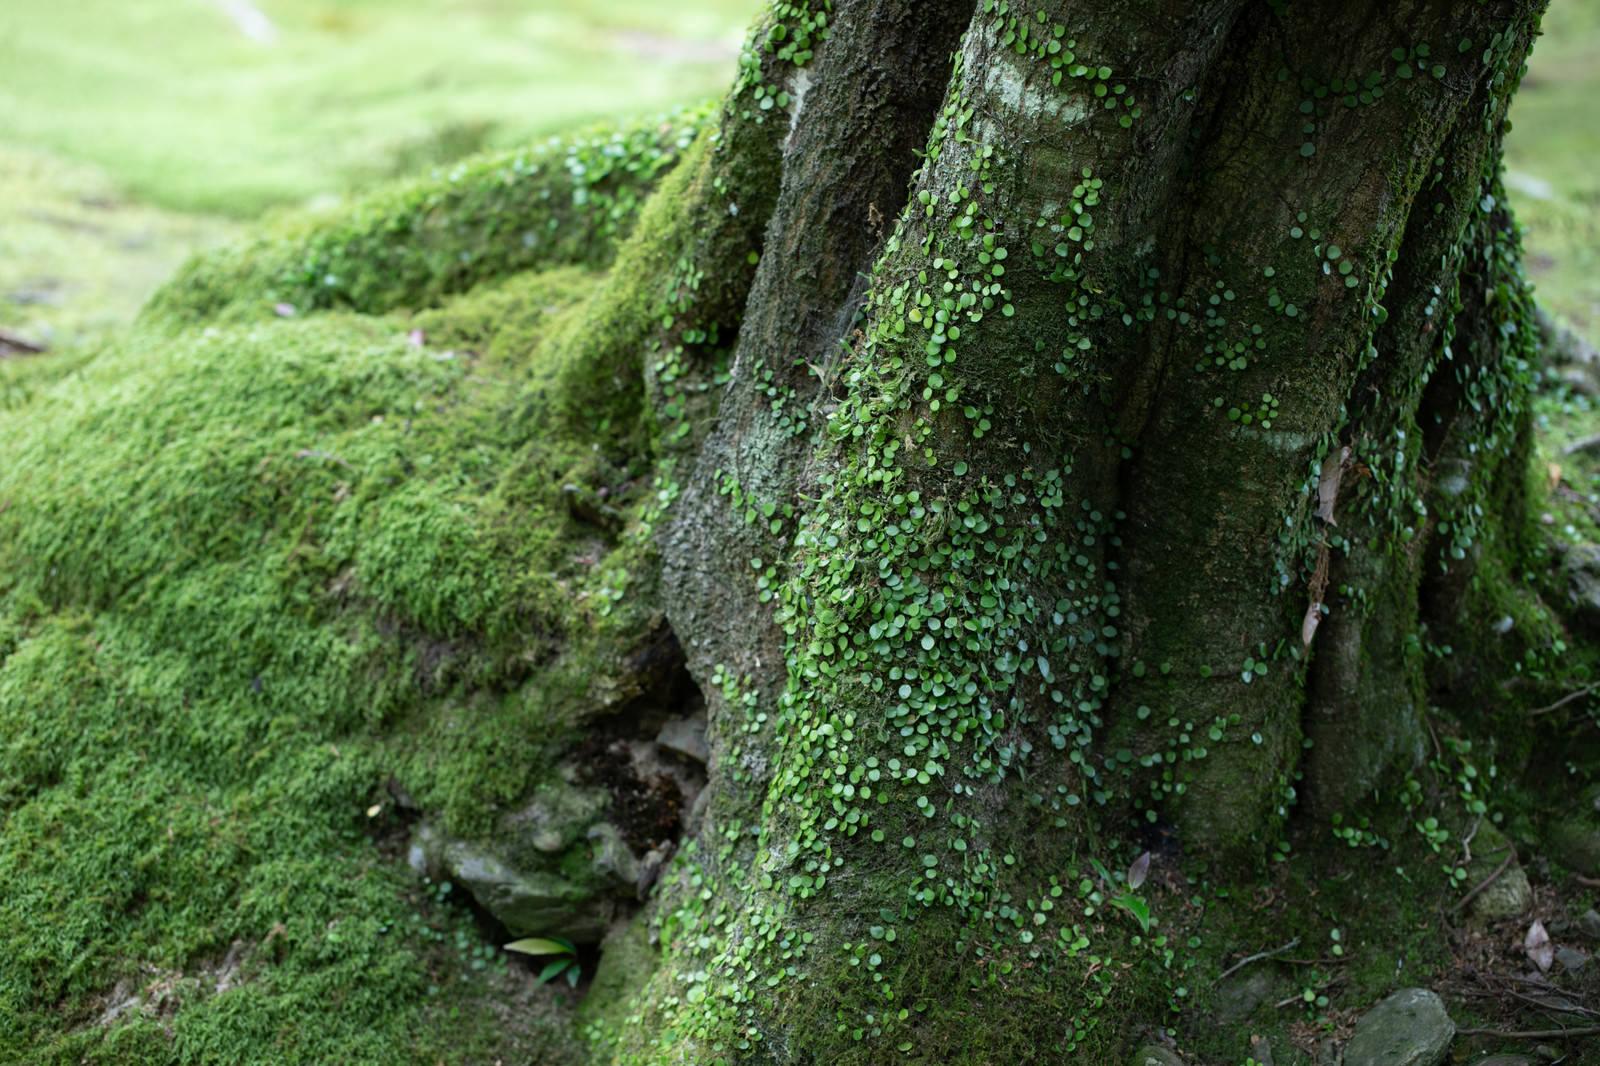 「木の根元に生える苔木の根元に生える苔」のフリー写真素材を拡大